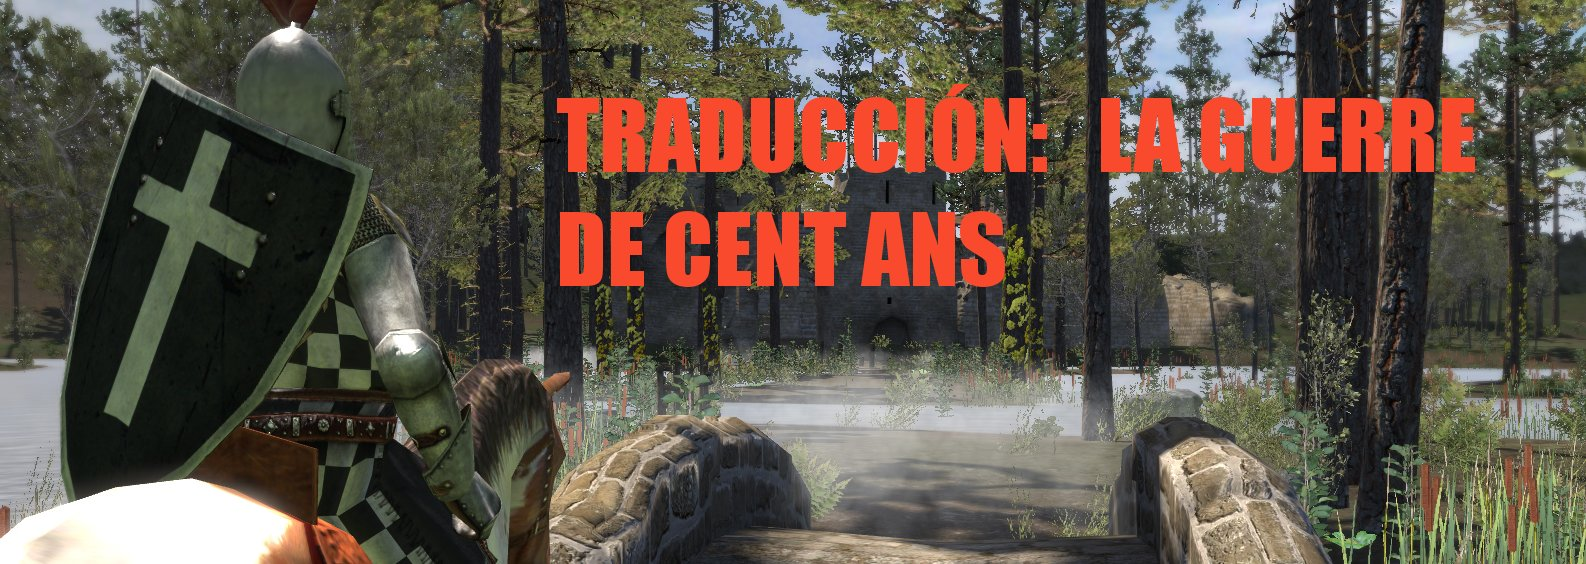 Traducción completa de La Guerre de Cent Ans ROXHn